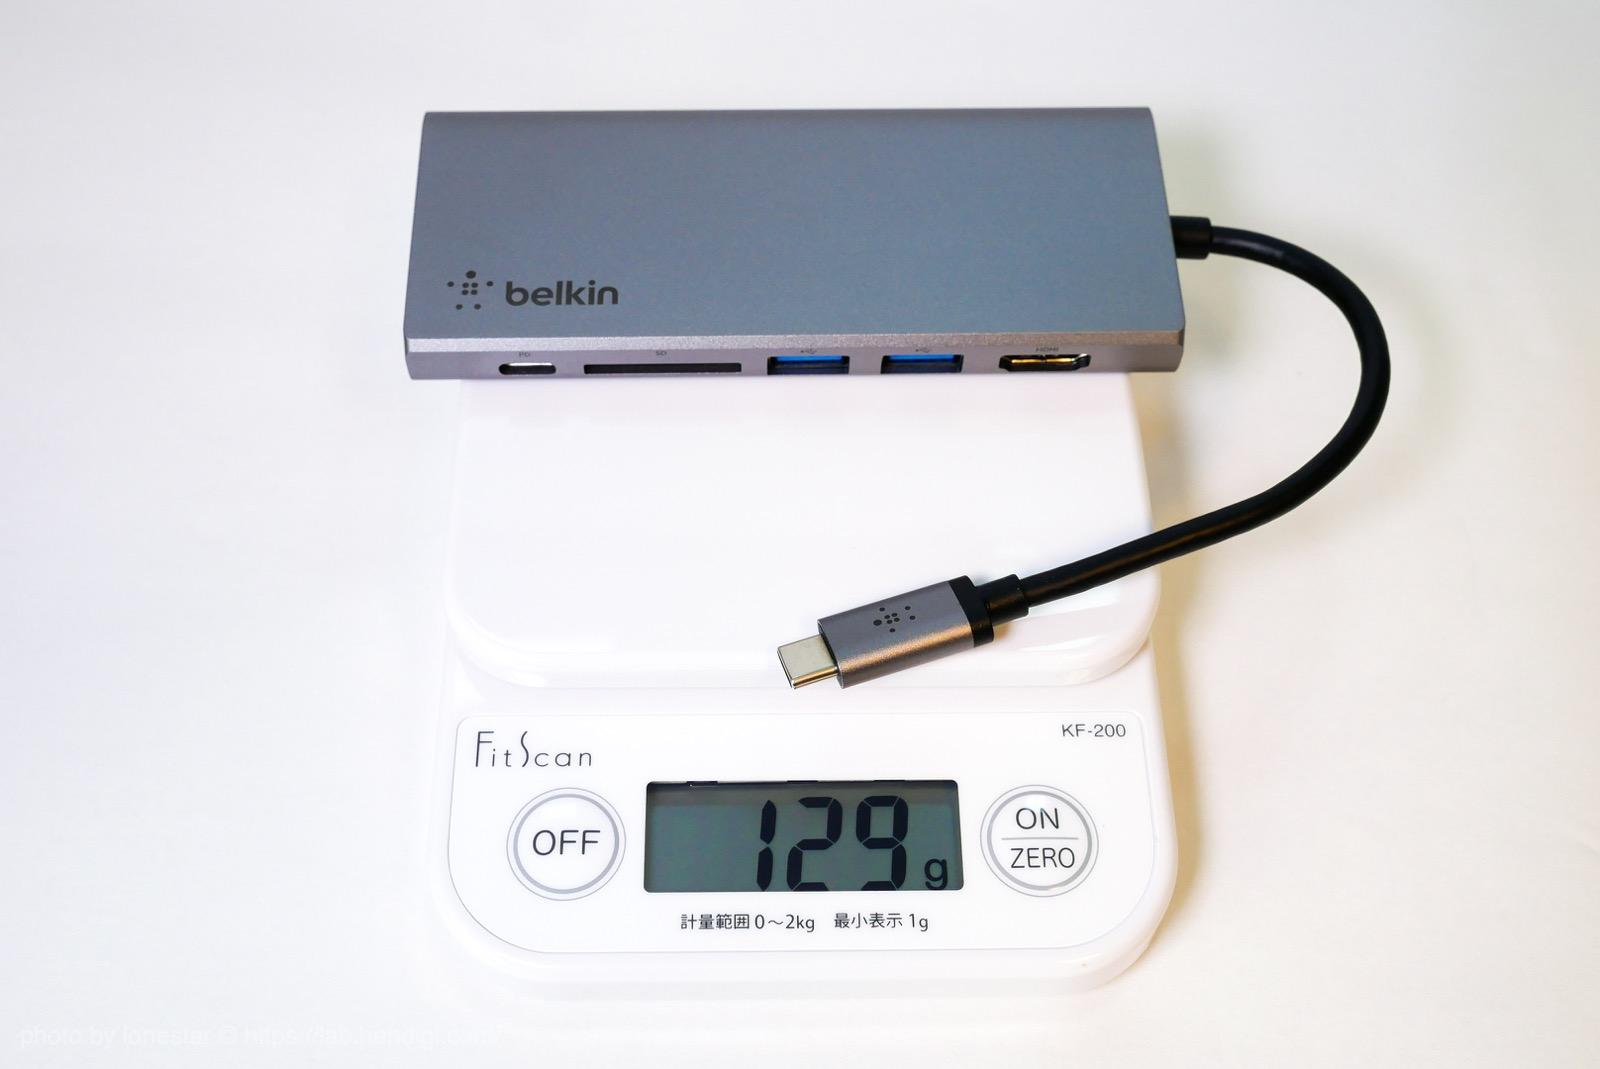 ベルキン USB-C マルチメディアハブ レビュー